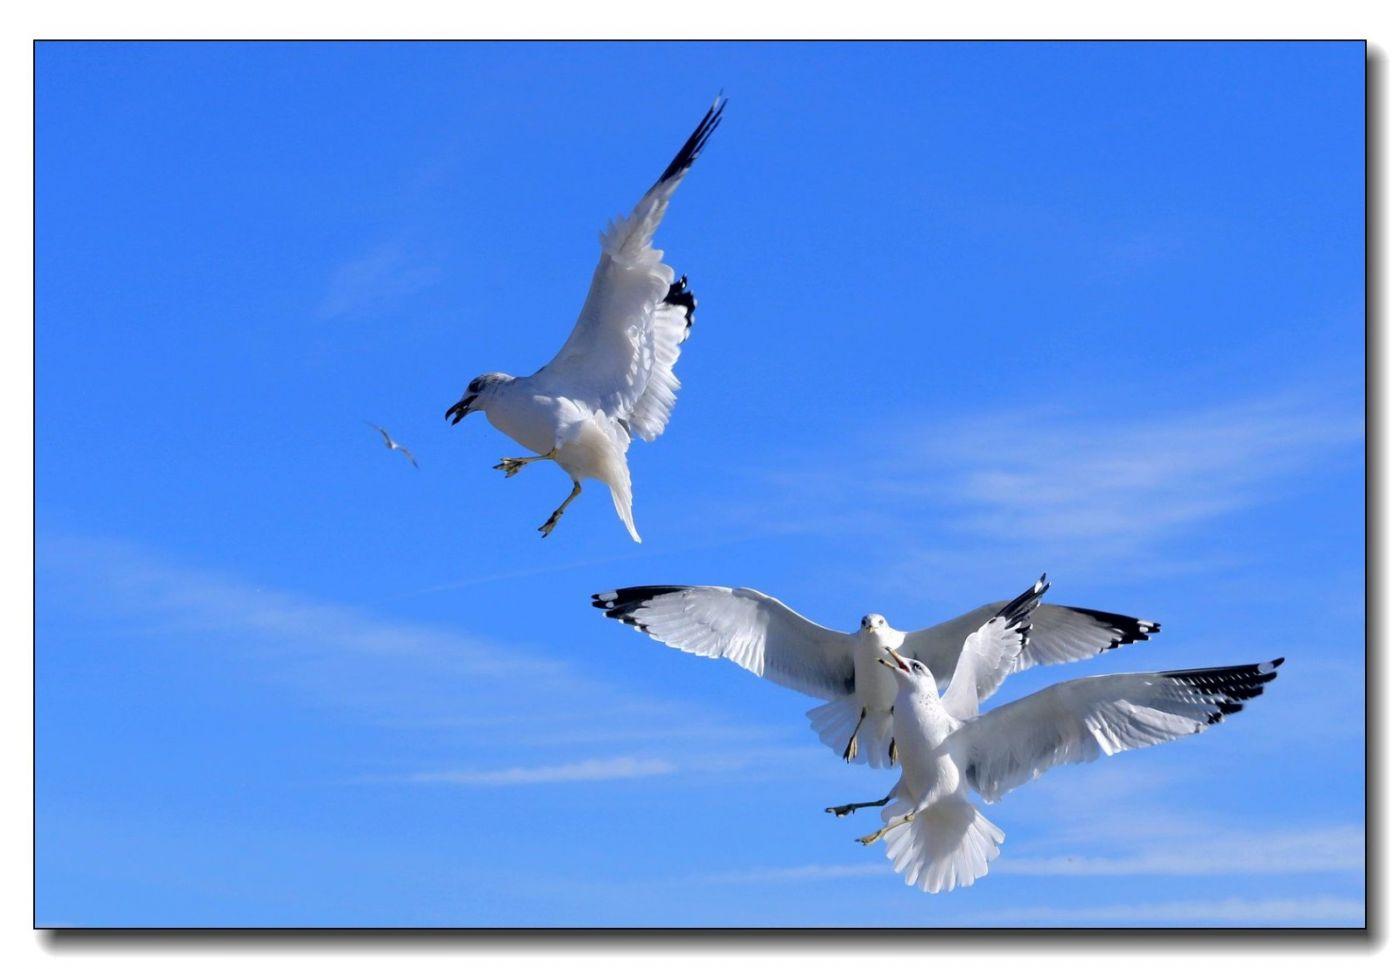 洛克威海滩拍鸟-银鸥_图1-15